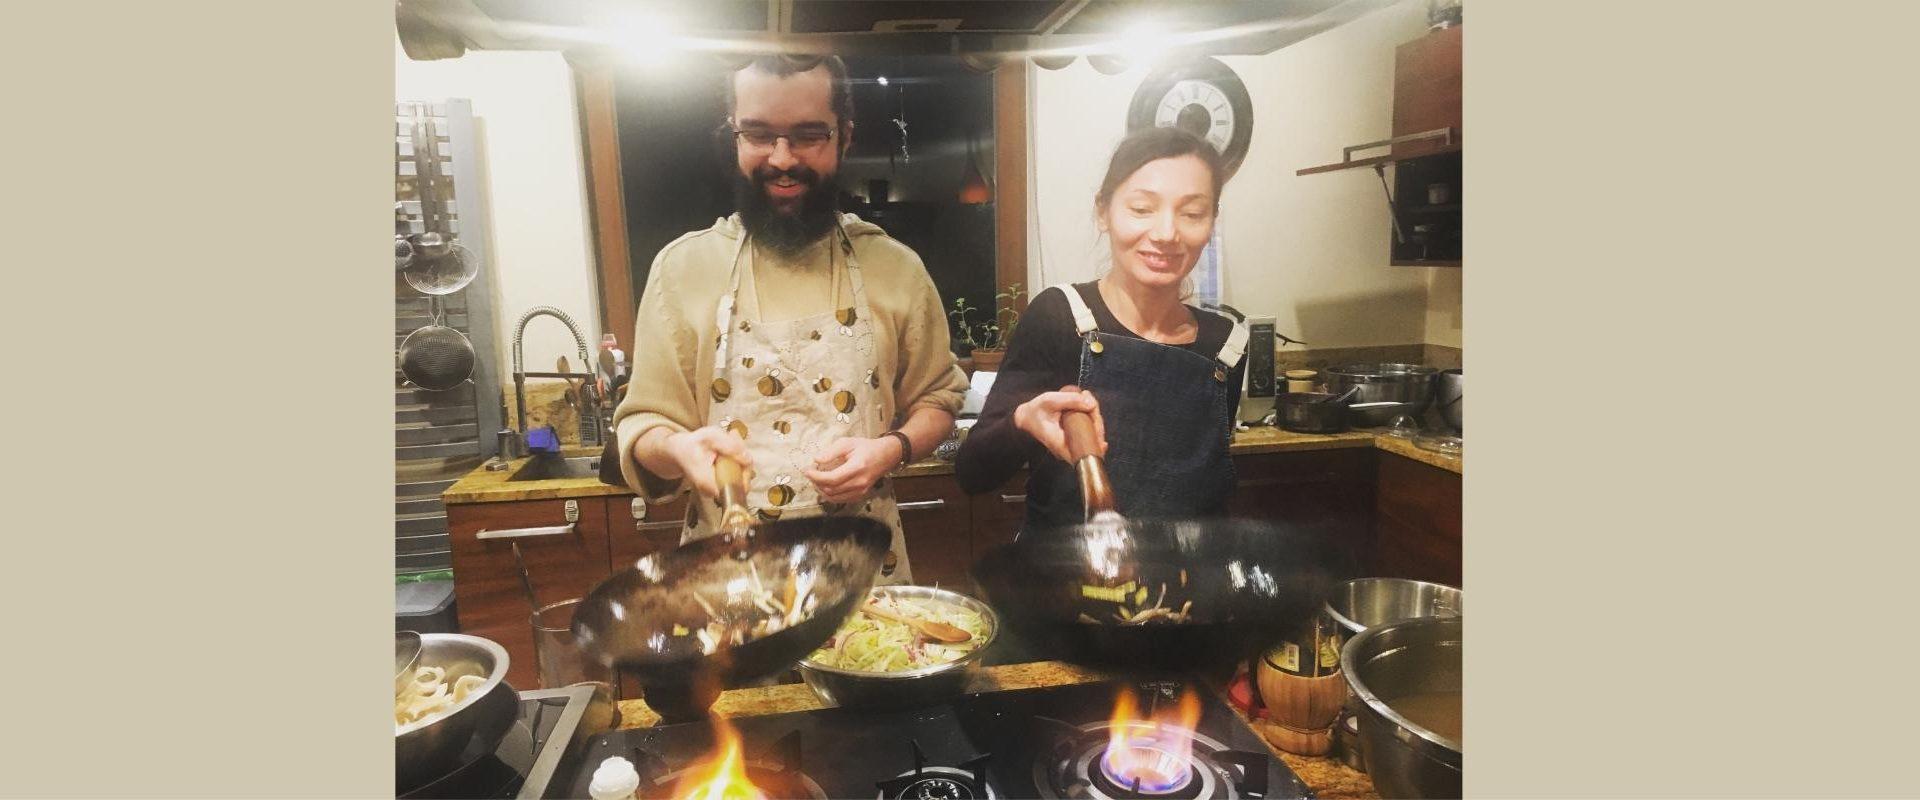 Warsztaty Gotowania Wg 5 Przemian Zmien Karme